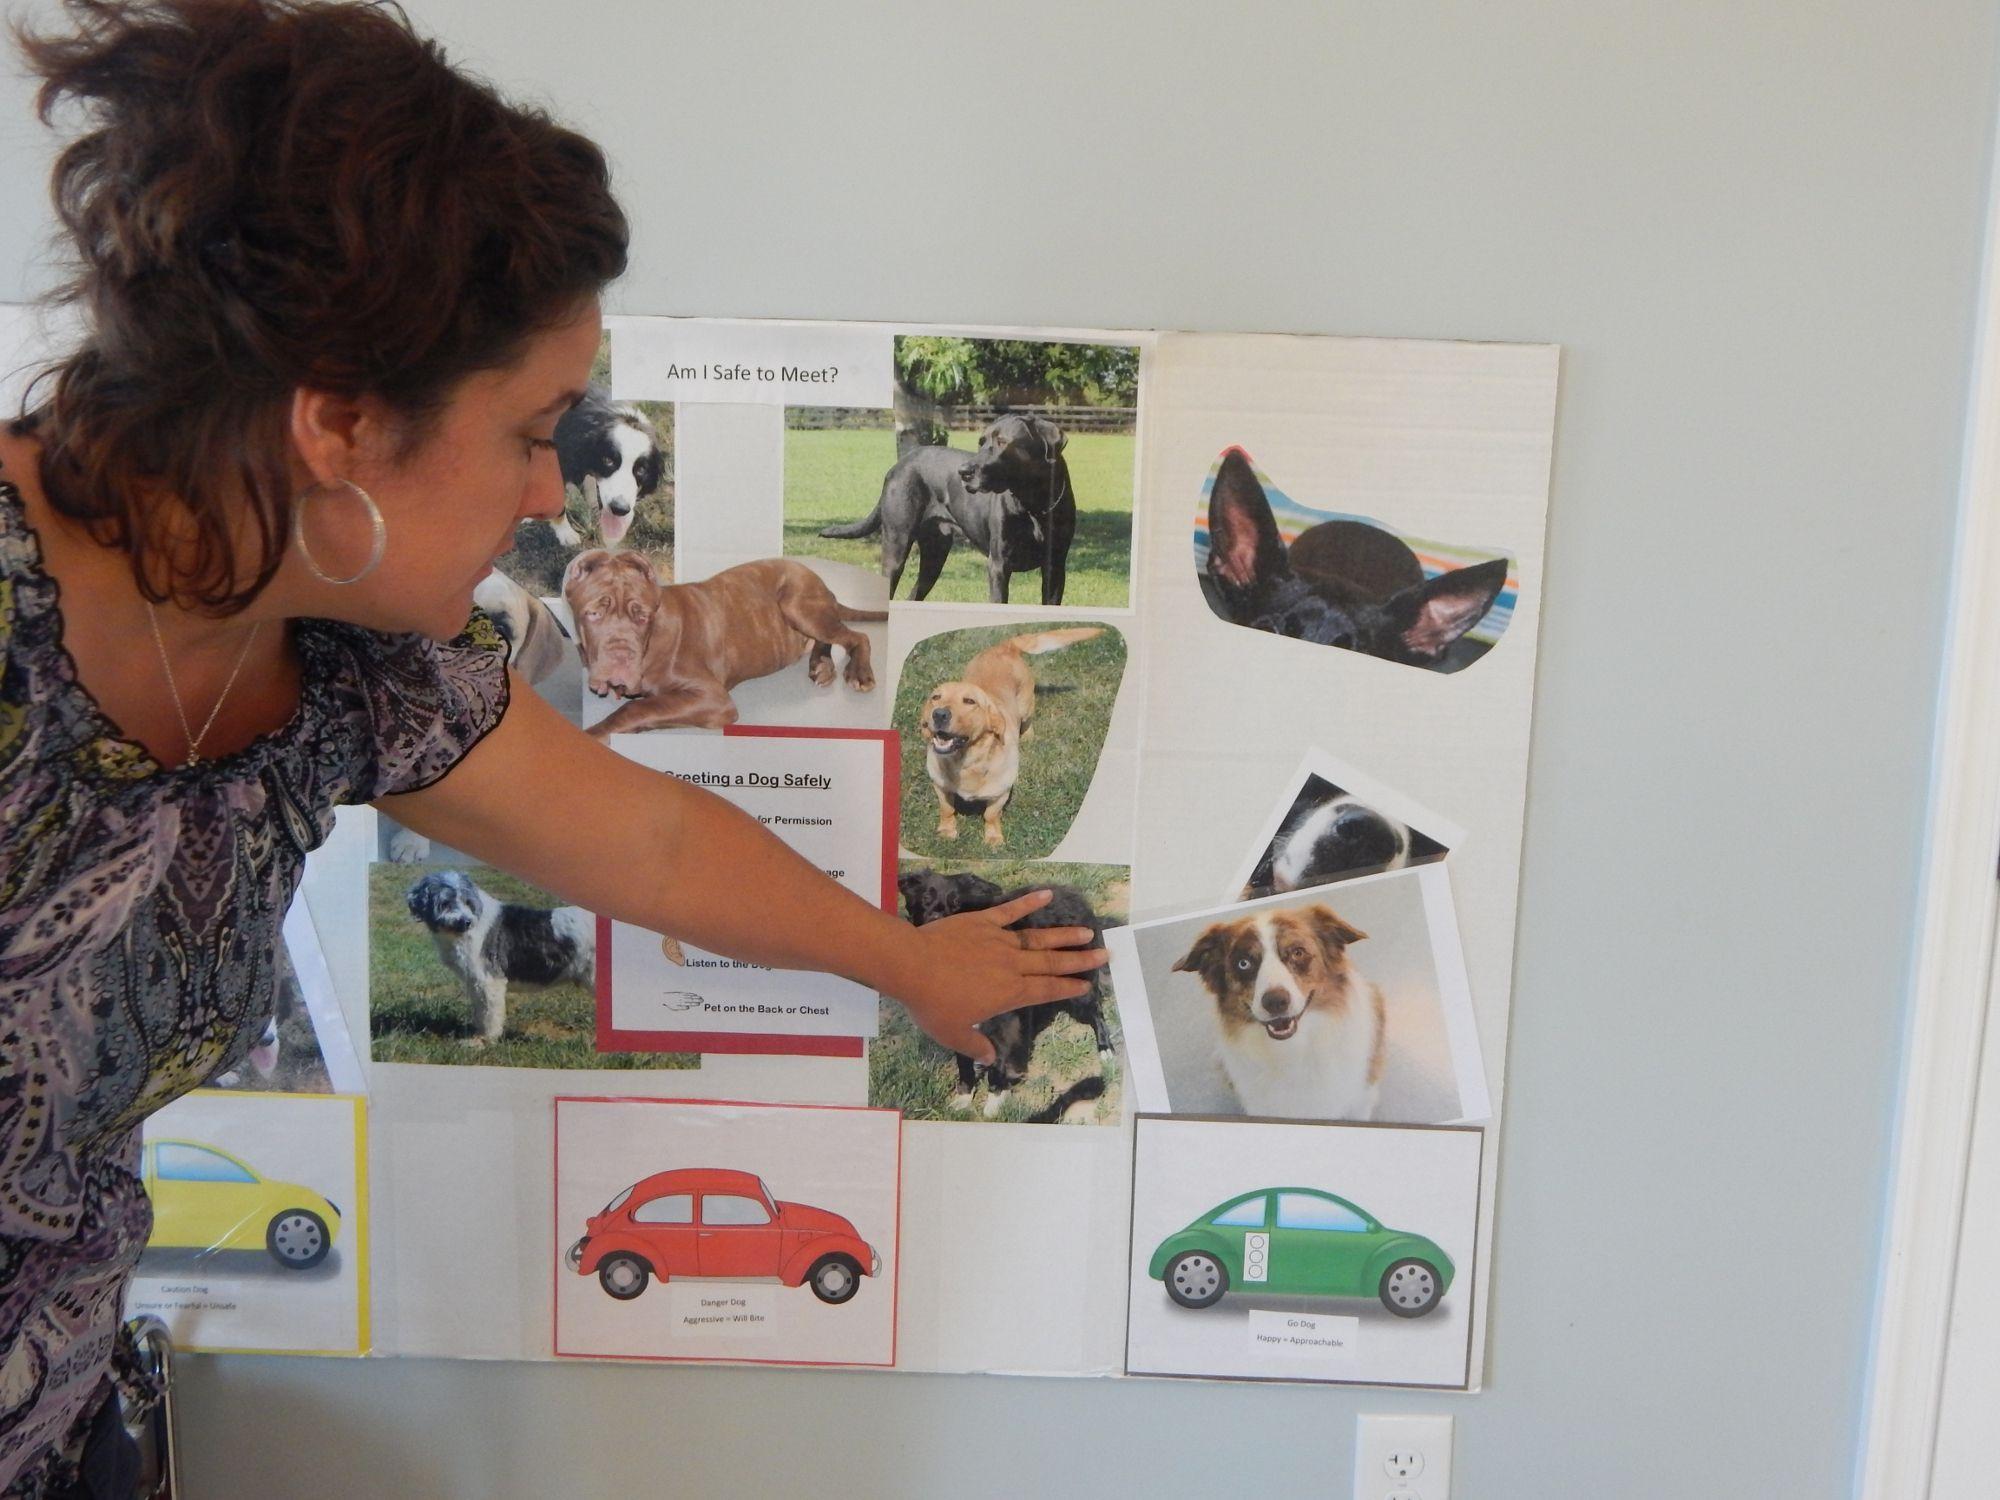 16+ Briggs animal adoption center ideas in 2021